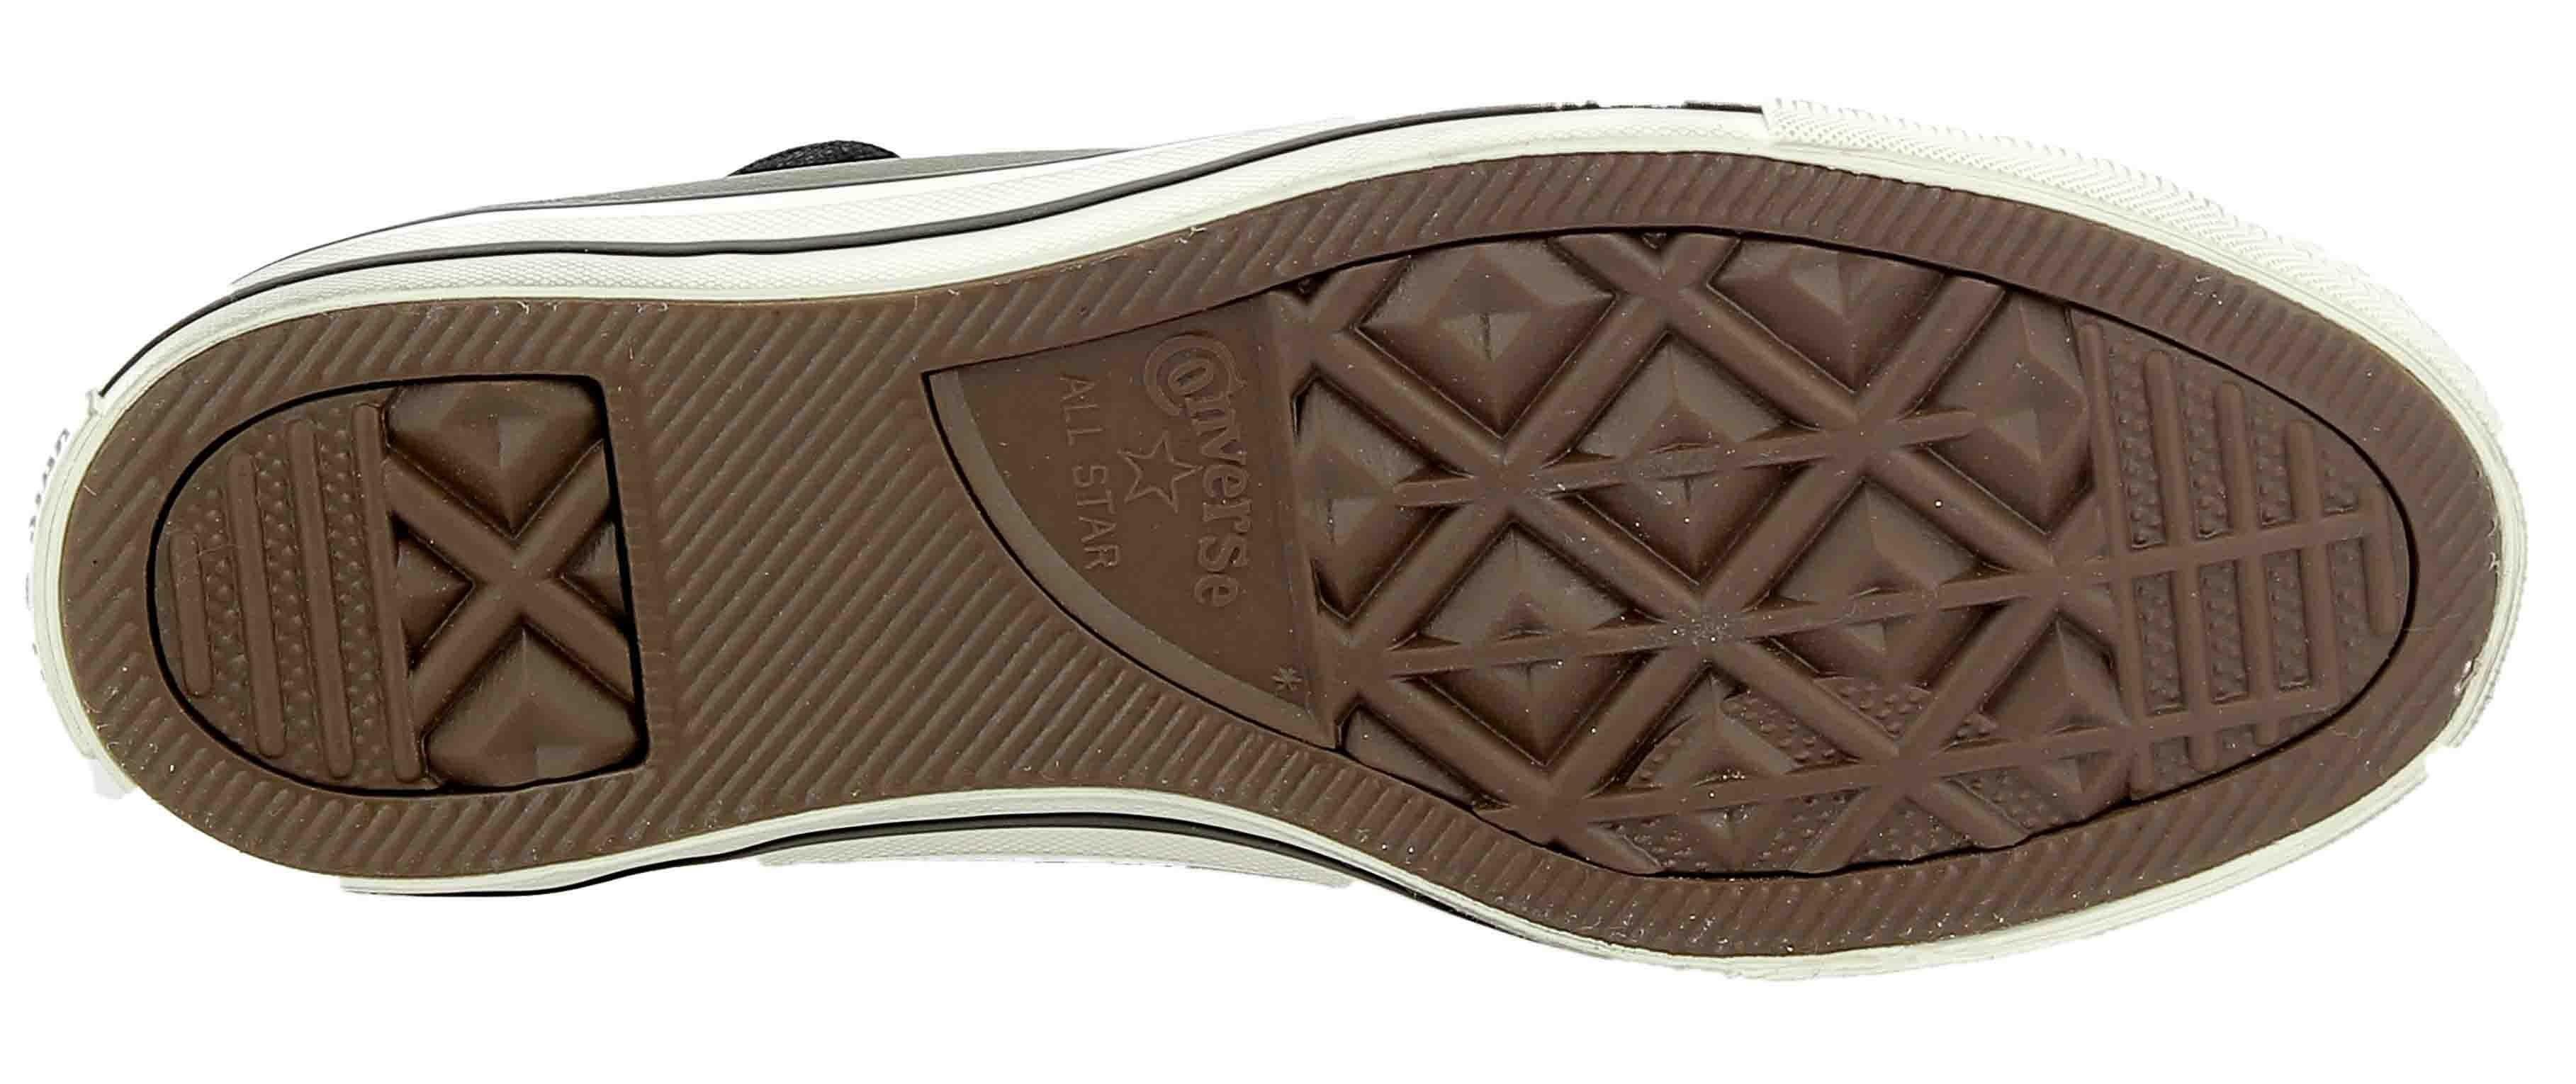 converse converse ctas distressed scarpe sportive verde pelle 162795c